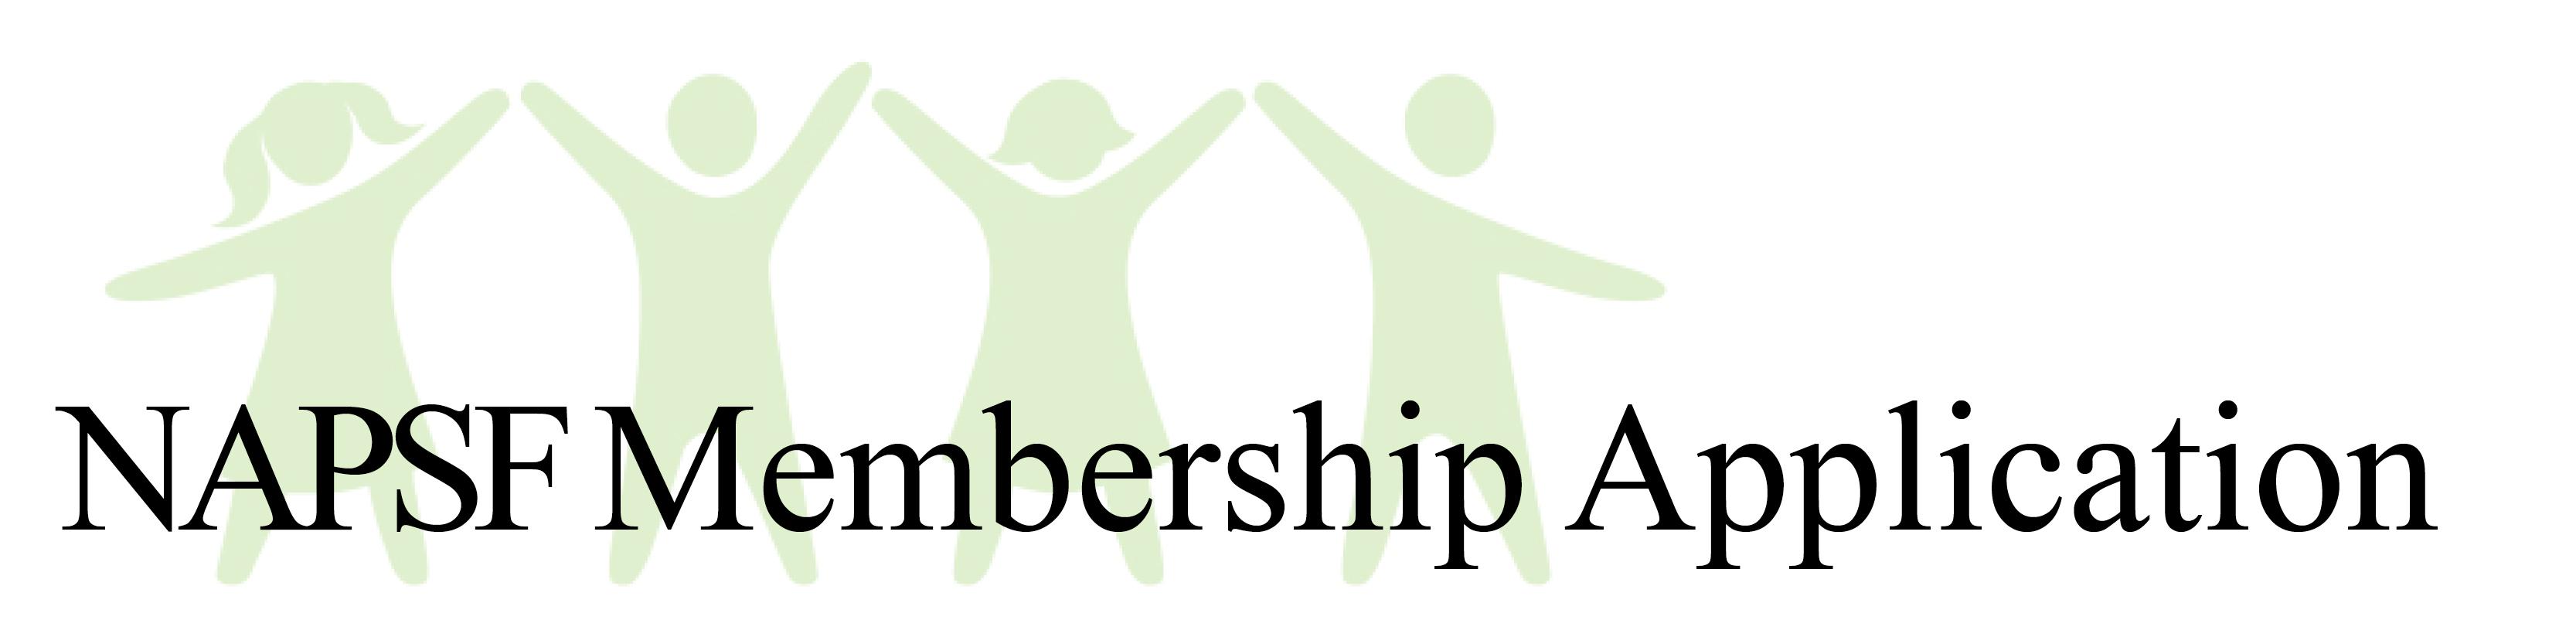 DON'TUSE2018-19 NAPSF Membership Drive